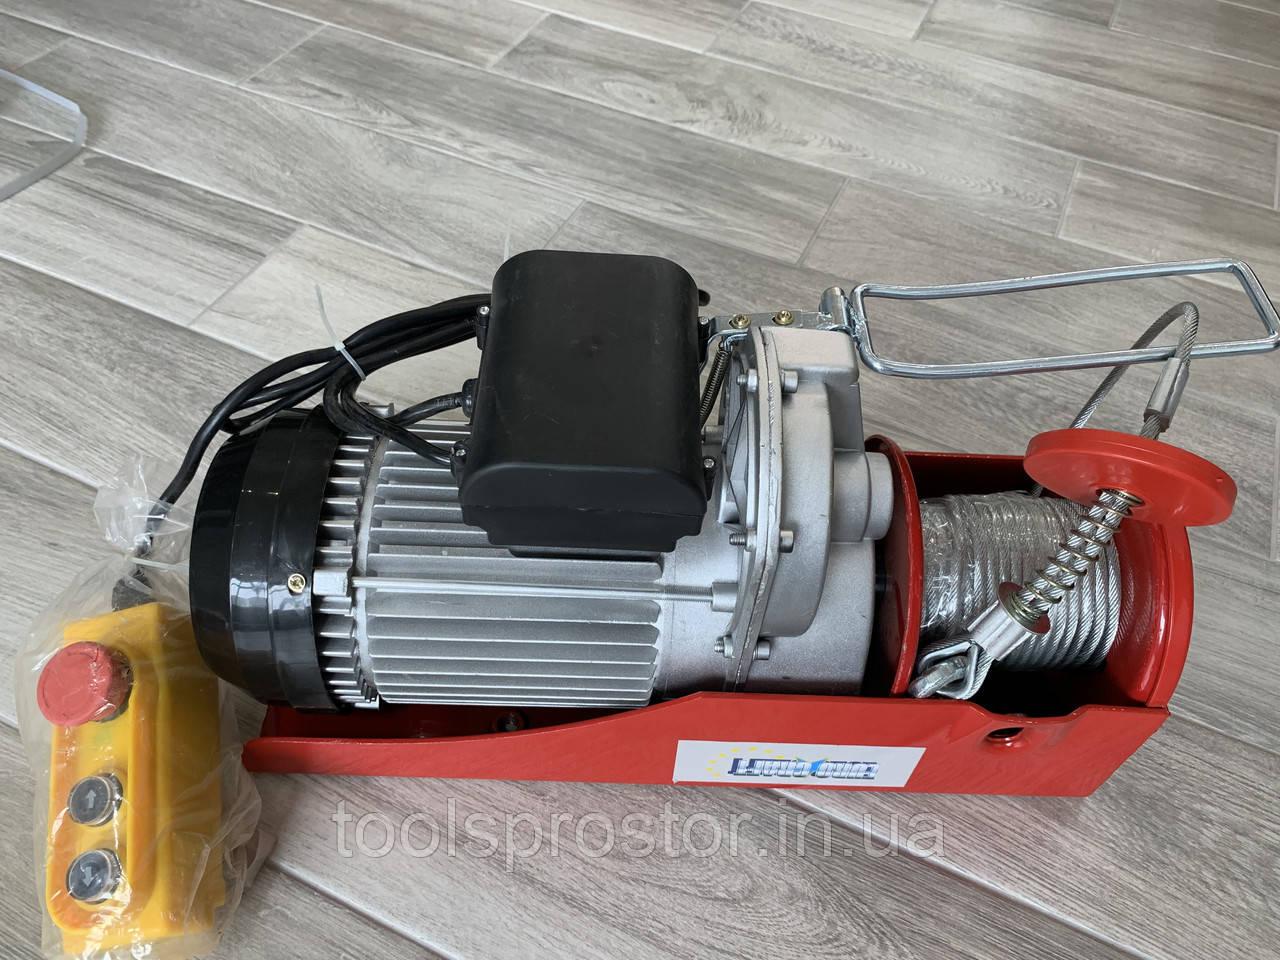 Тельфер лебедка Euro Craft HJ208 (500/1000 кг · 2000 Вт) Польша - Звоните 👉 097 596 78 95 в Львове